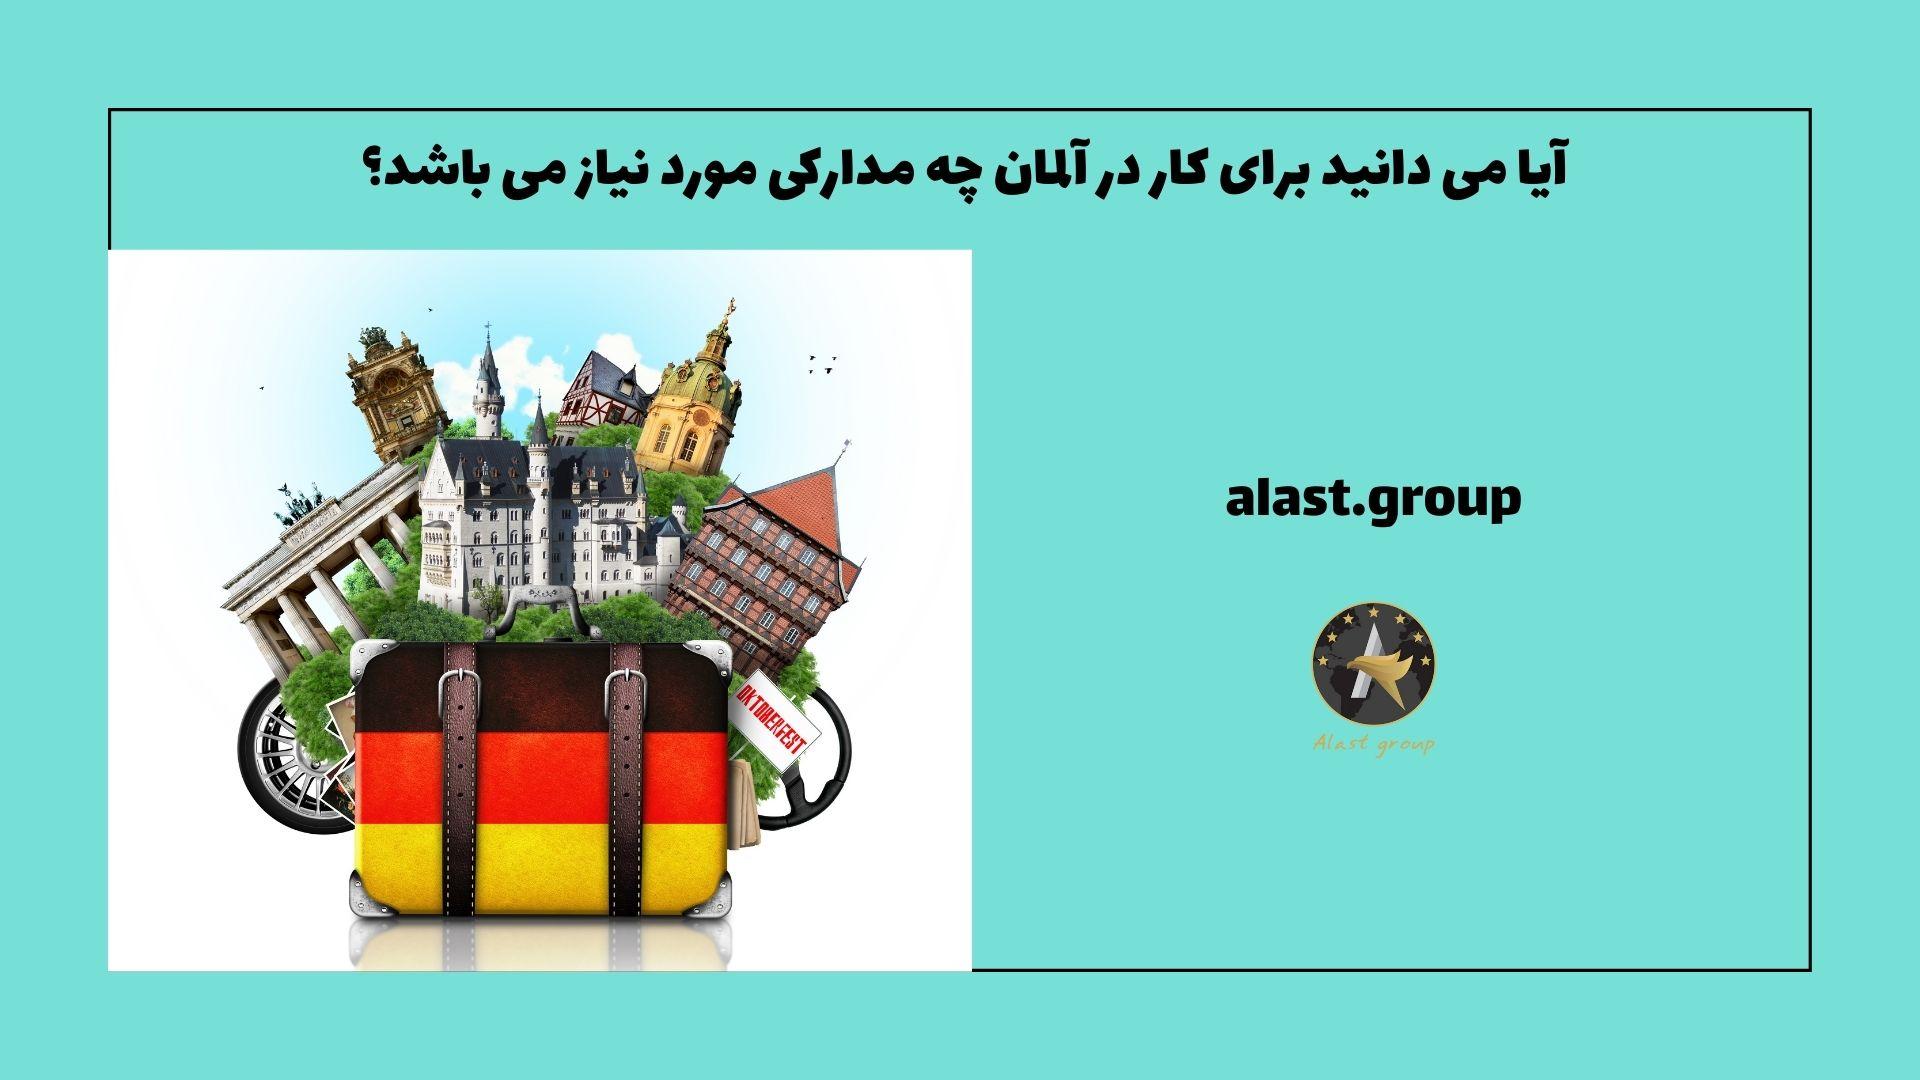 آیا می دانید برای کار در آلمان چه مدارکی مورد نیاز می باشد؟